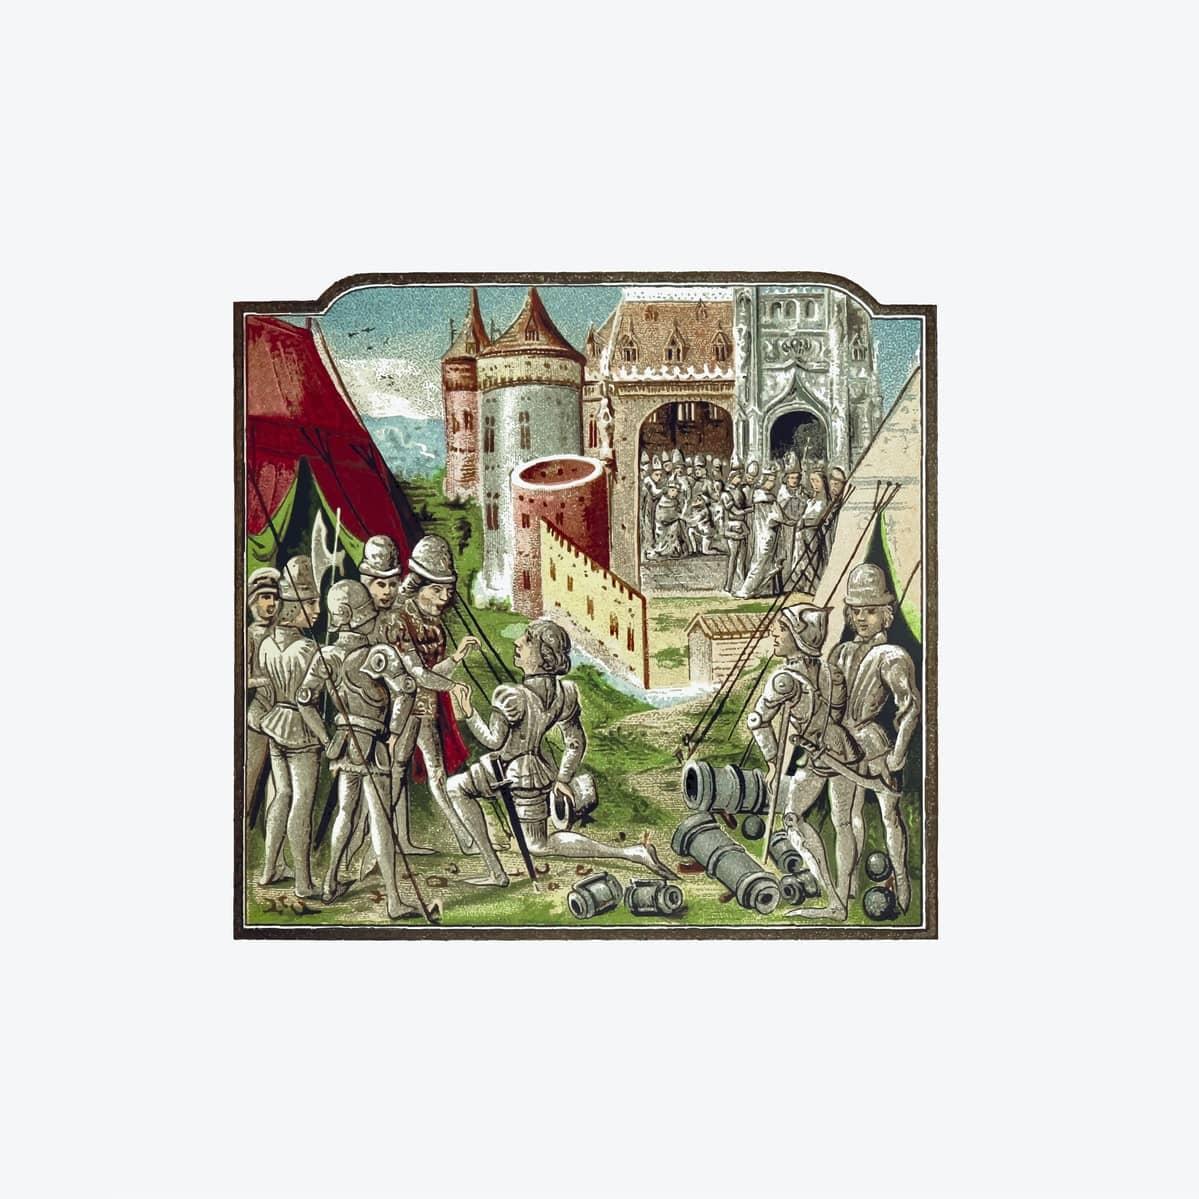 une enluminure de manuscrits représentant un chevalier se rendant